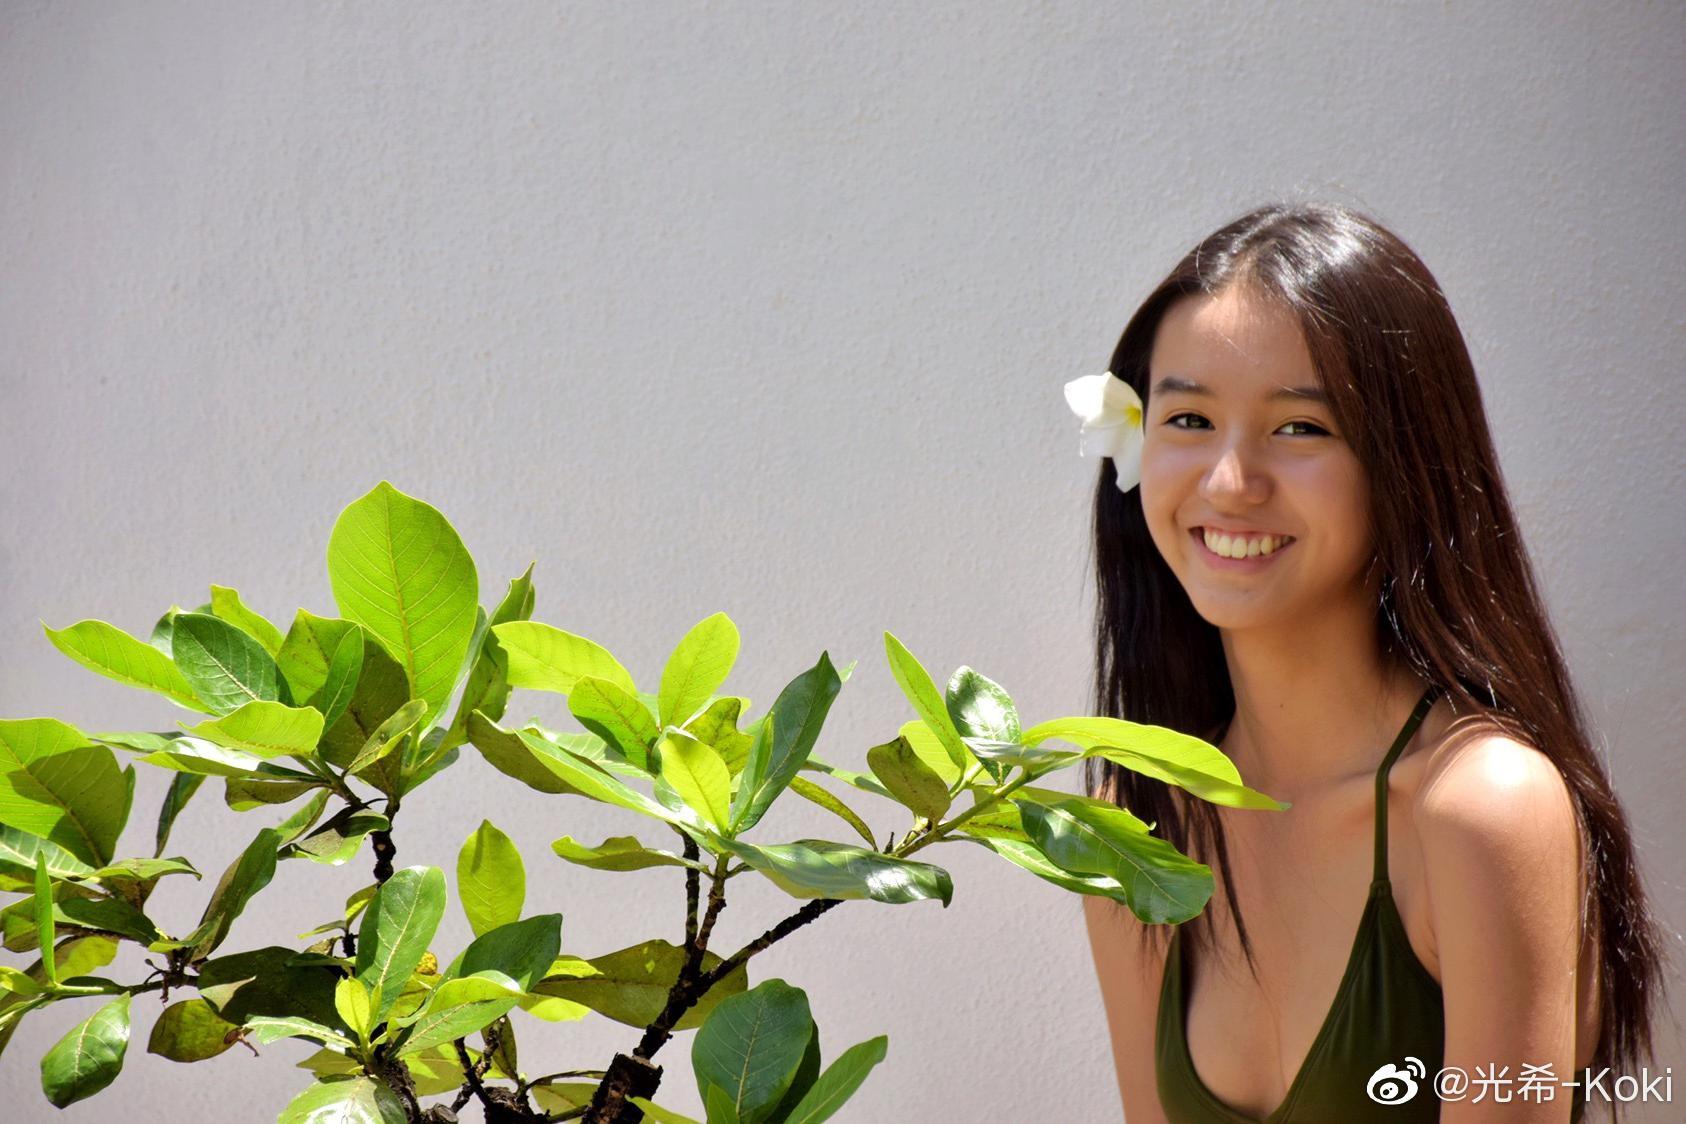 16岁木村光希晒最新写真照,笑容明媚动人,与爸爸木村拓哉撞脸